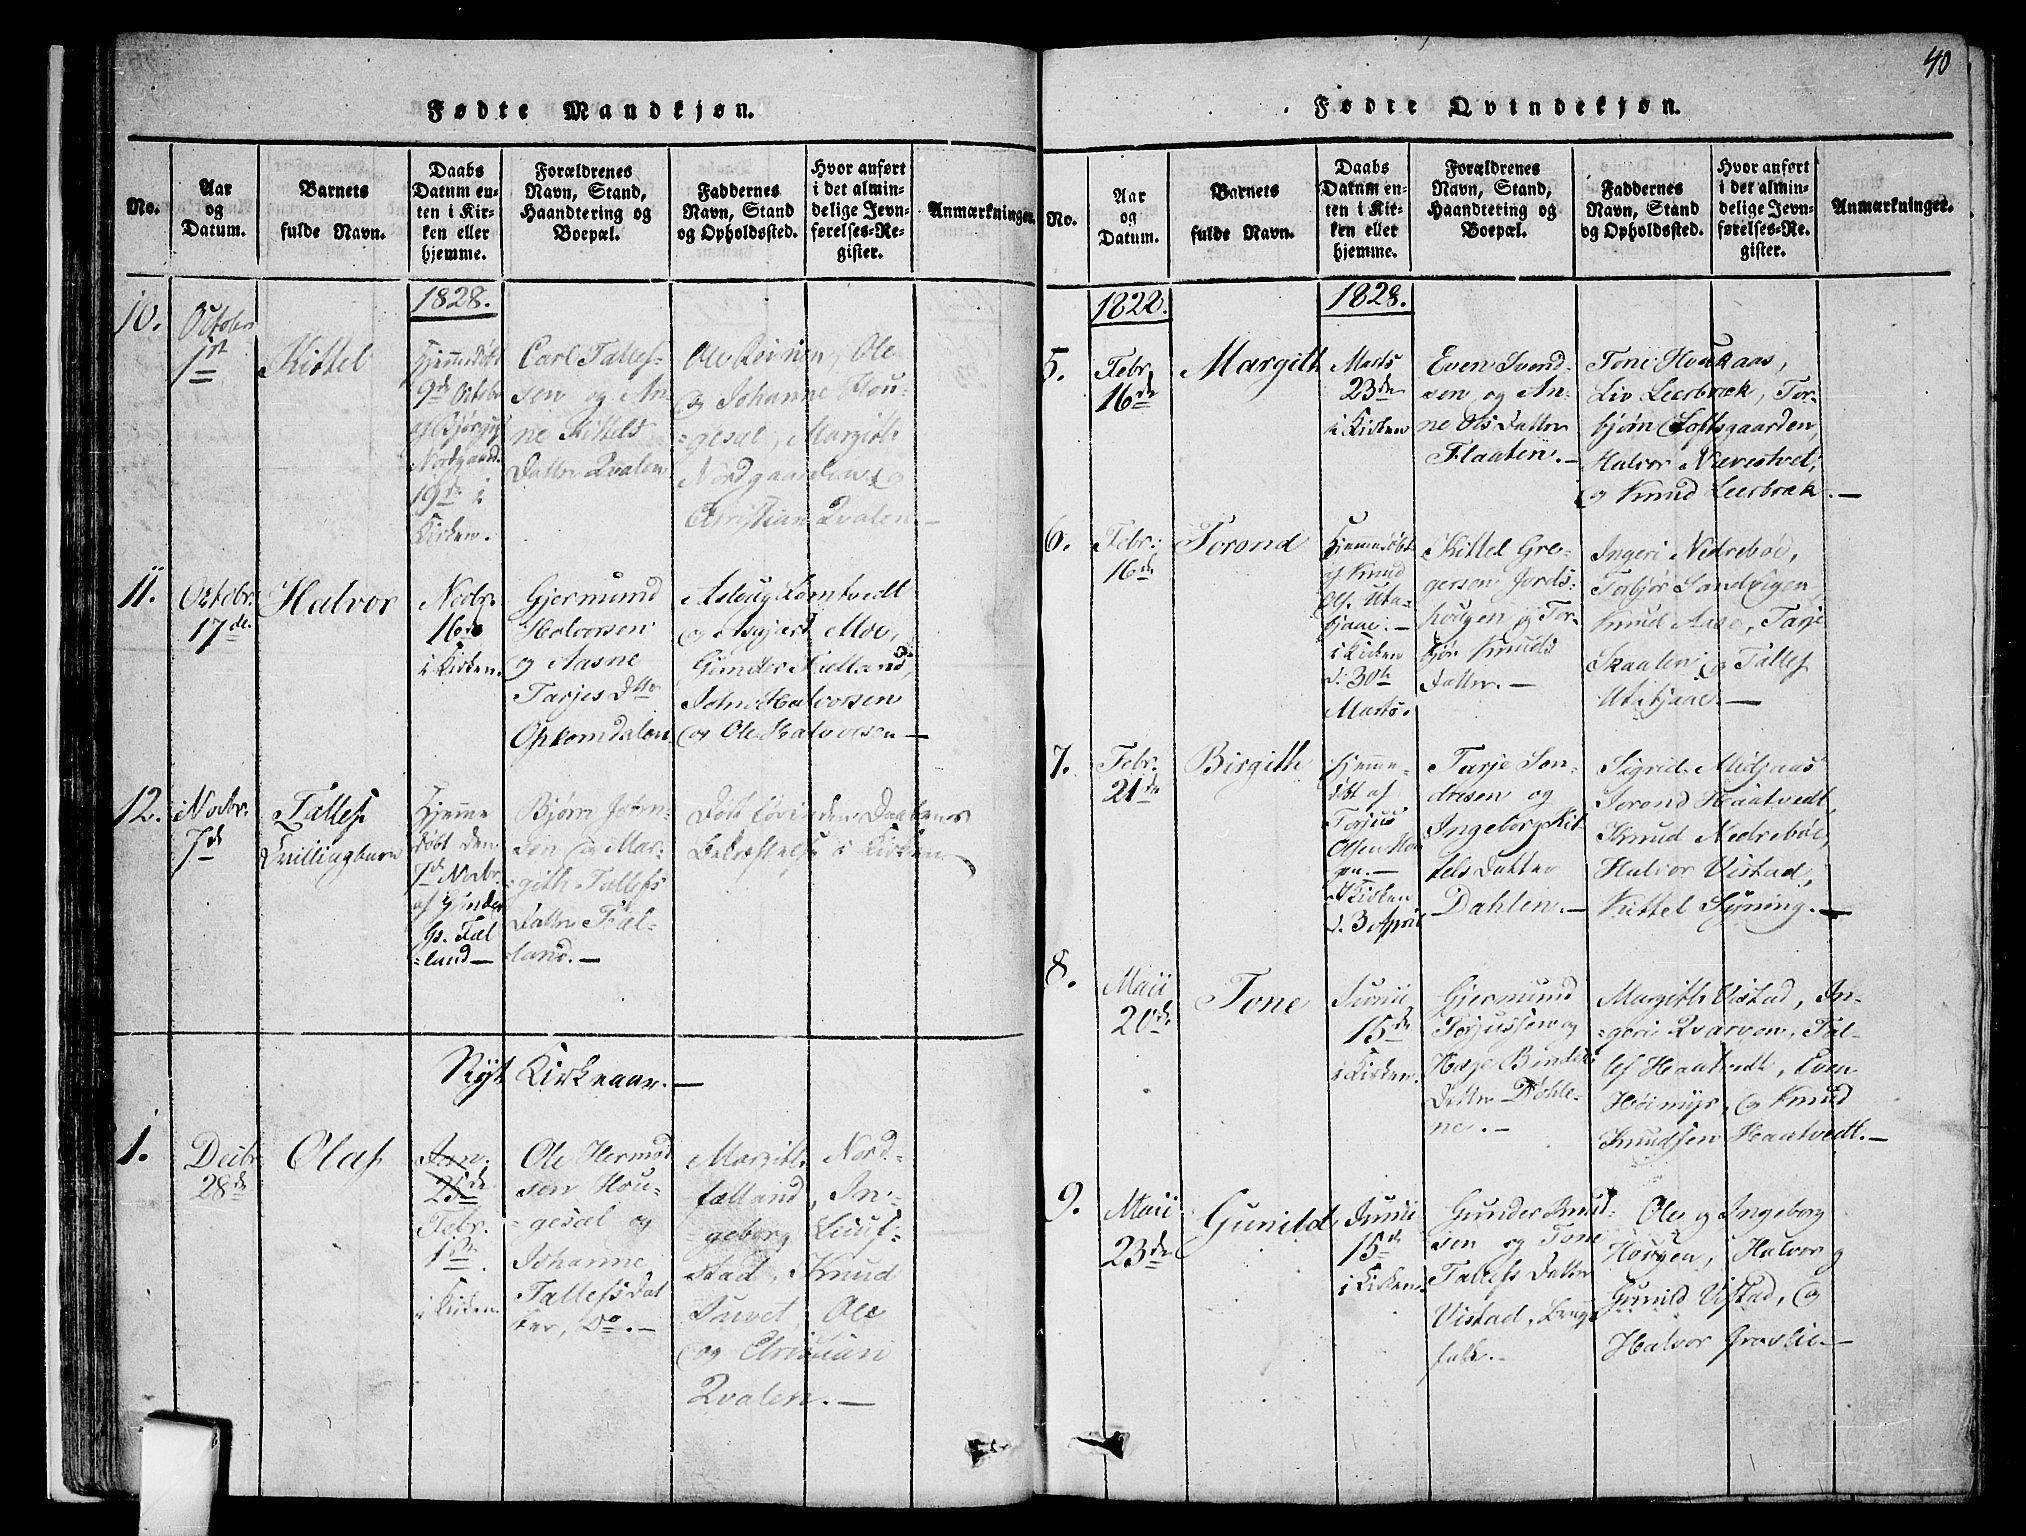 SAKO, Mo kirkebøker, F/Fa/L0004: Ministerialbok nr. I 4, 1814-1844, s. 40